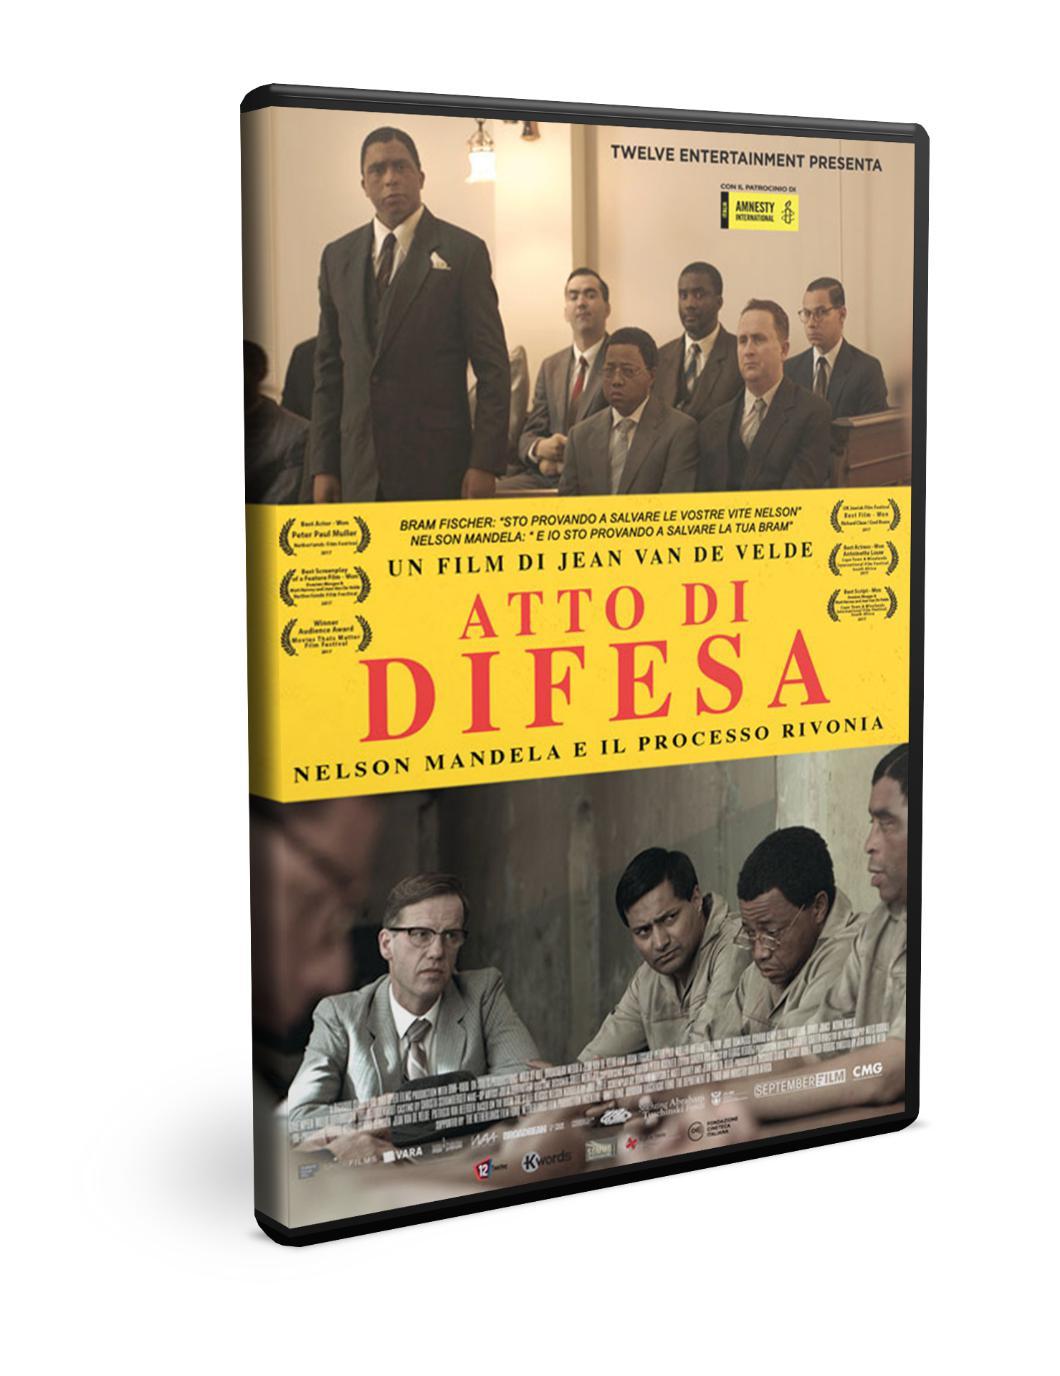 ATTO DI DIFESA - NELSON MANDELA E IL PROCESSO DI RIVONIA (DVD)